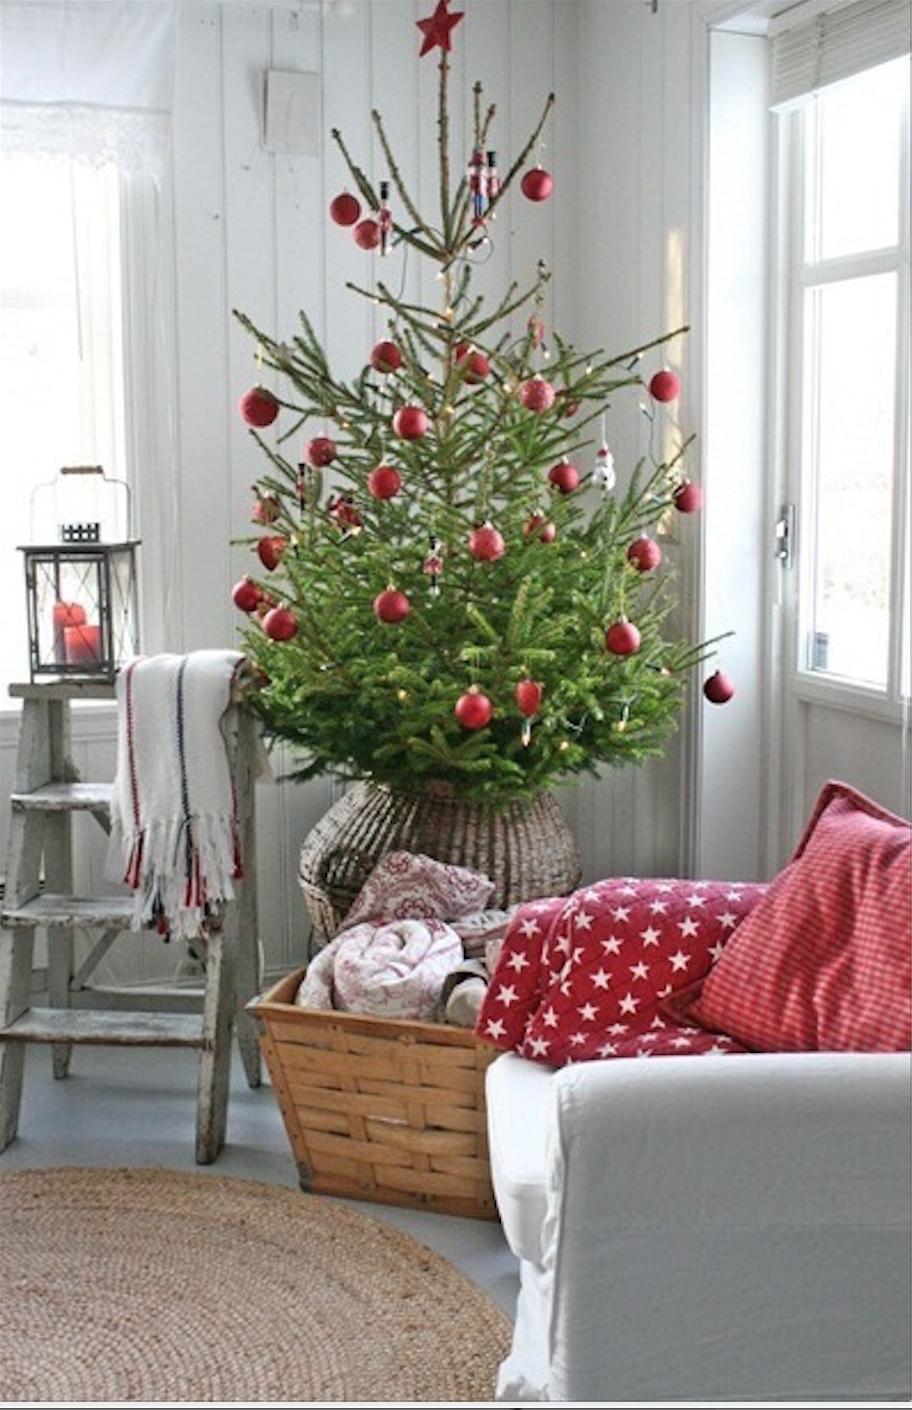 dieses jahr steht unser weihnachtsbaum schon seit dem 6 dezember im wohnzimmer und funkelt uns eine glamours glitzrige weihnachtsstimmung ins haus - Christbaum Schmucken Beispiele